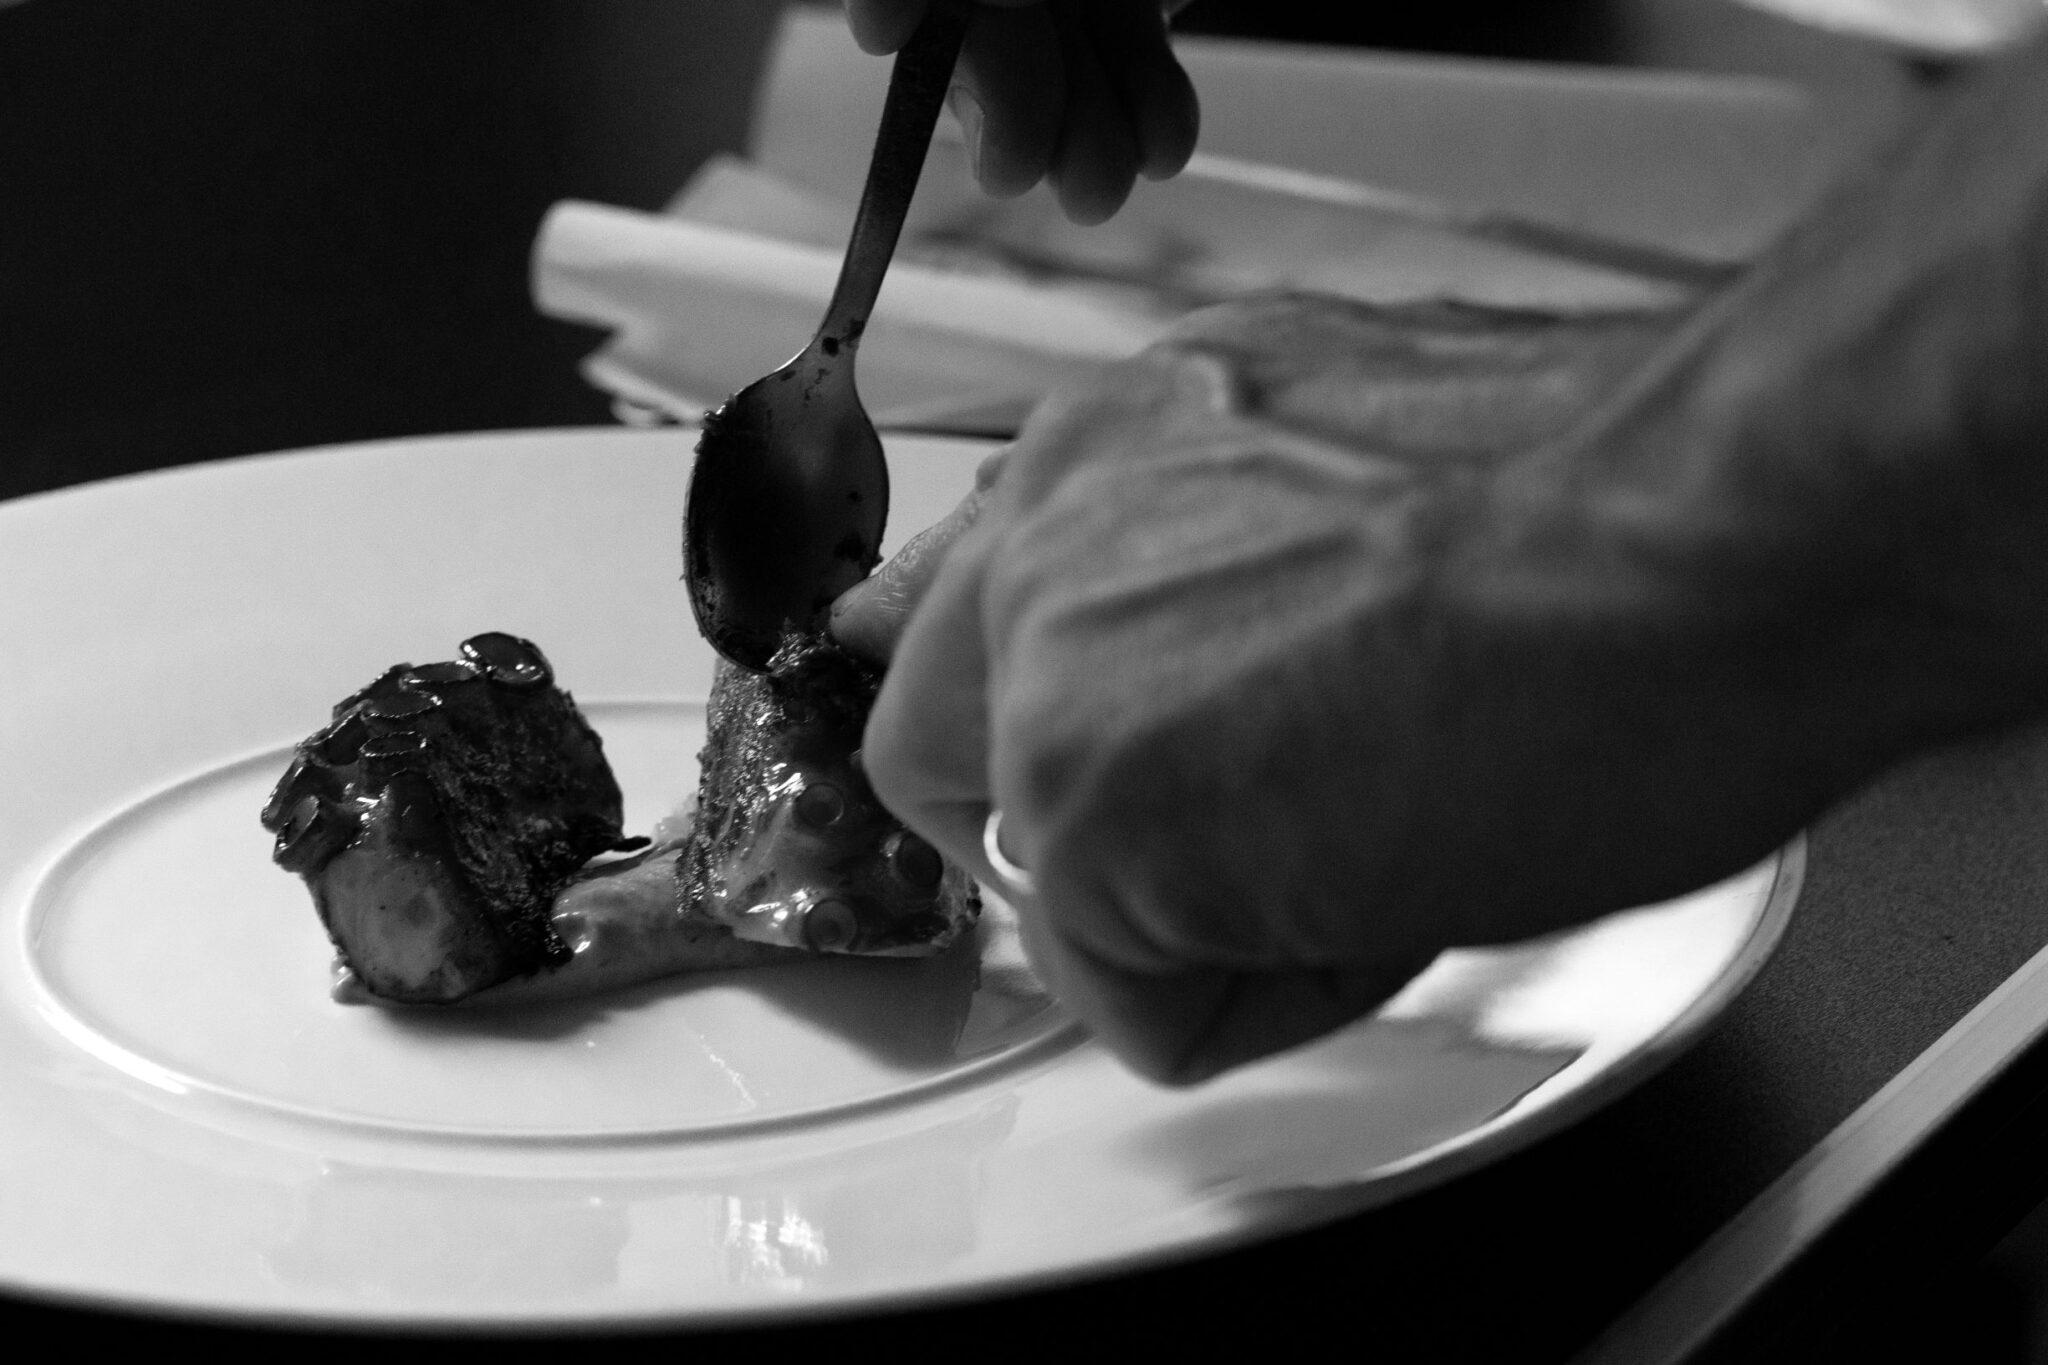 La cucina gentile di Comi107